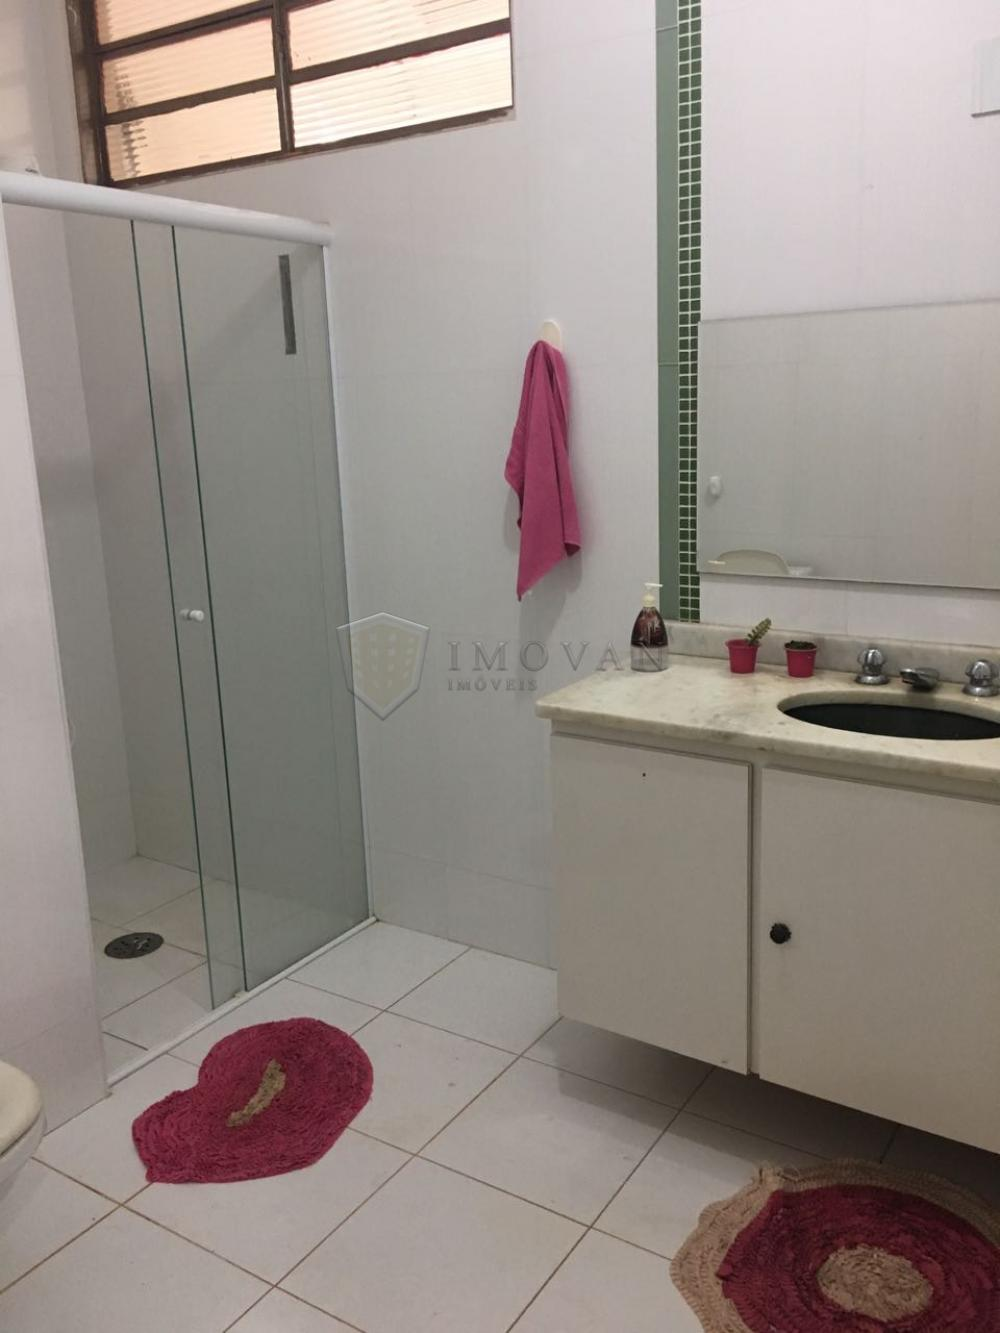 Alugar Casa / Padrão em Ribeirão Preto R$ 5.500,00 - Foto 2